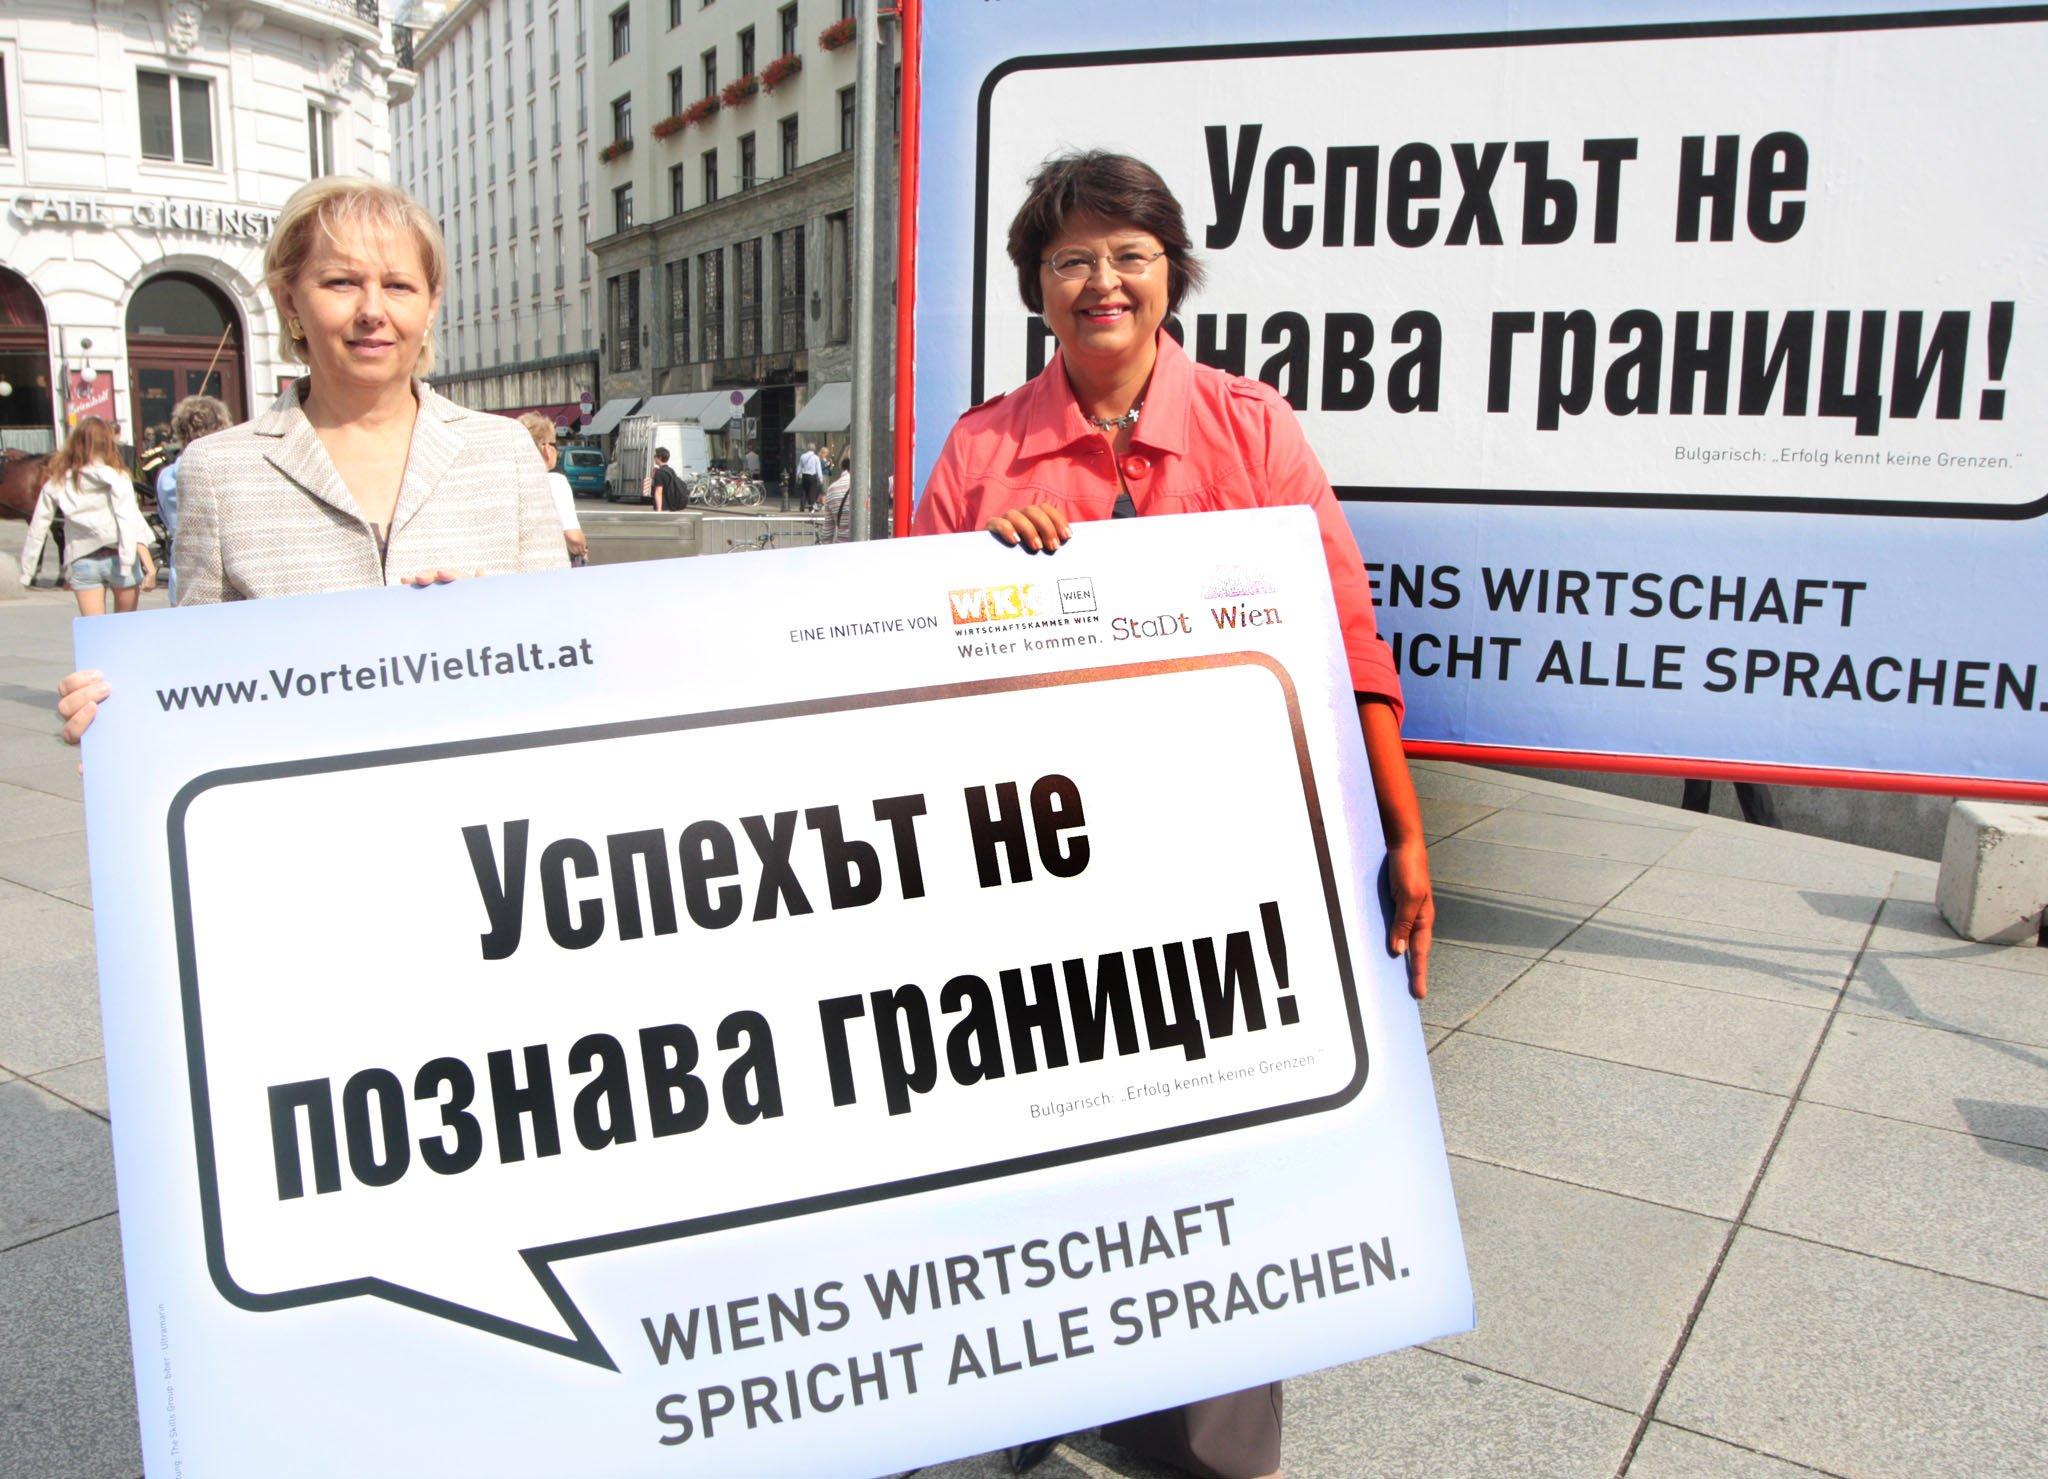 Brauner/Jank: Wiens Wirtschaft spricht alle Sprachen